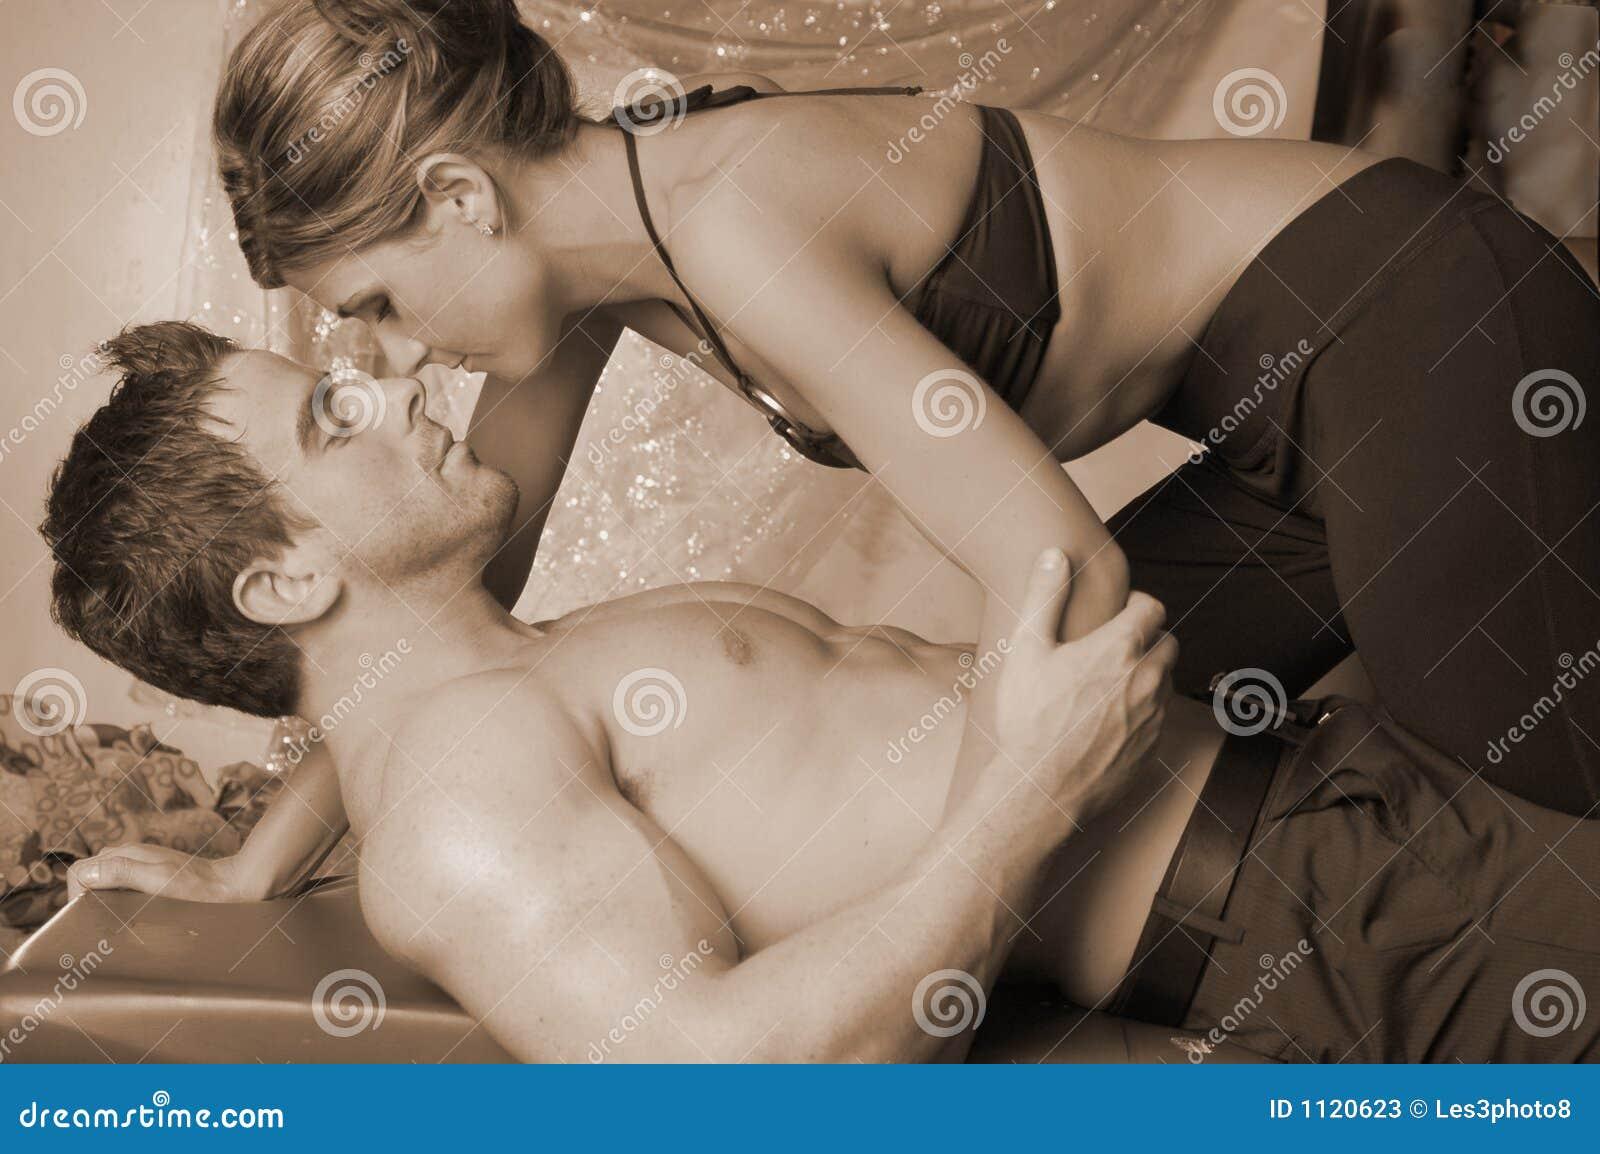 woman kissing Dominant